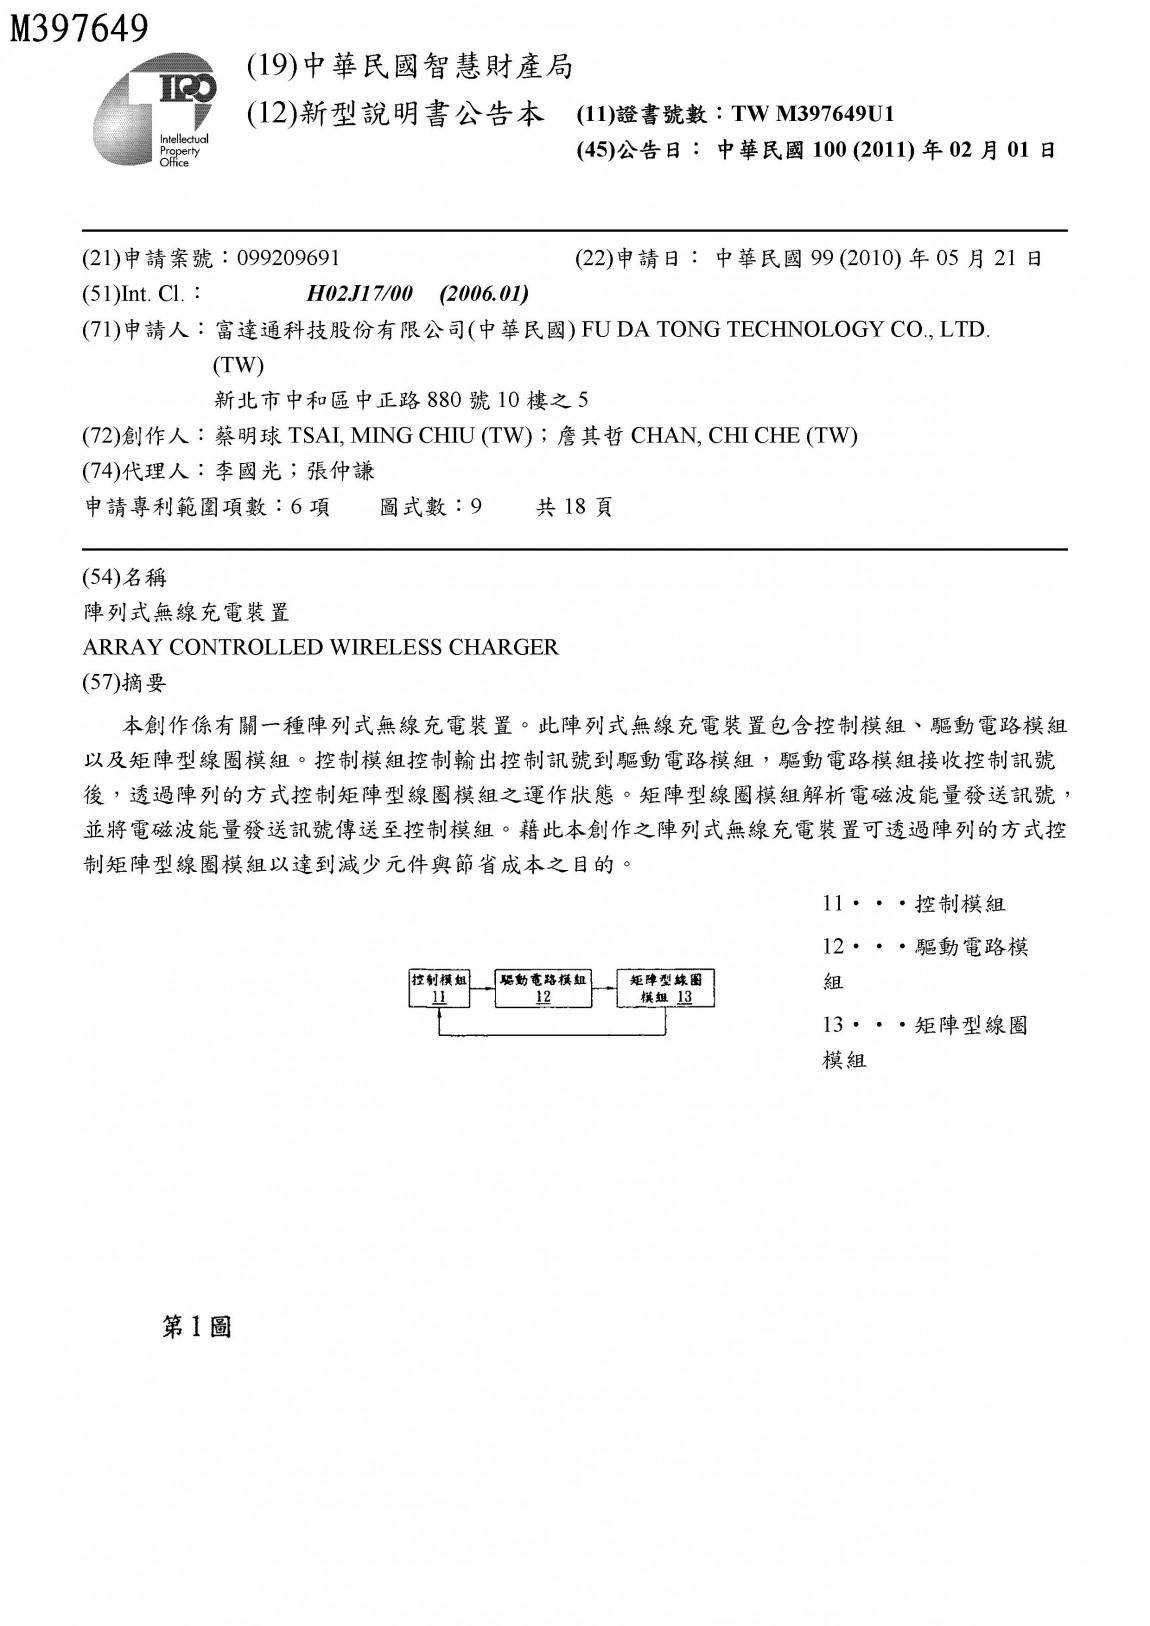 富達通專利07-陣列式無線充電裝置(台灣)M397649